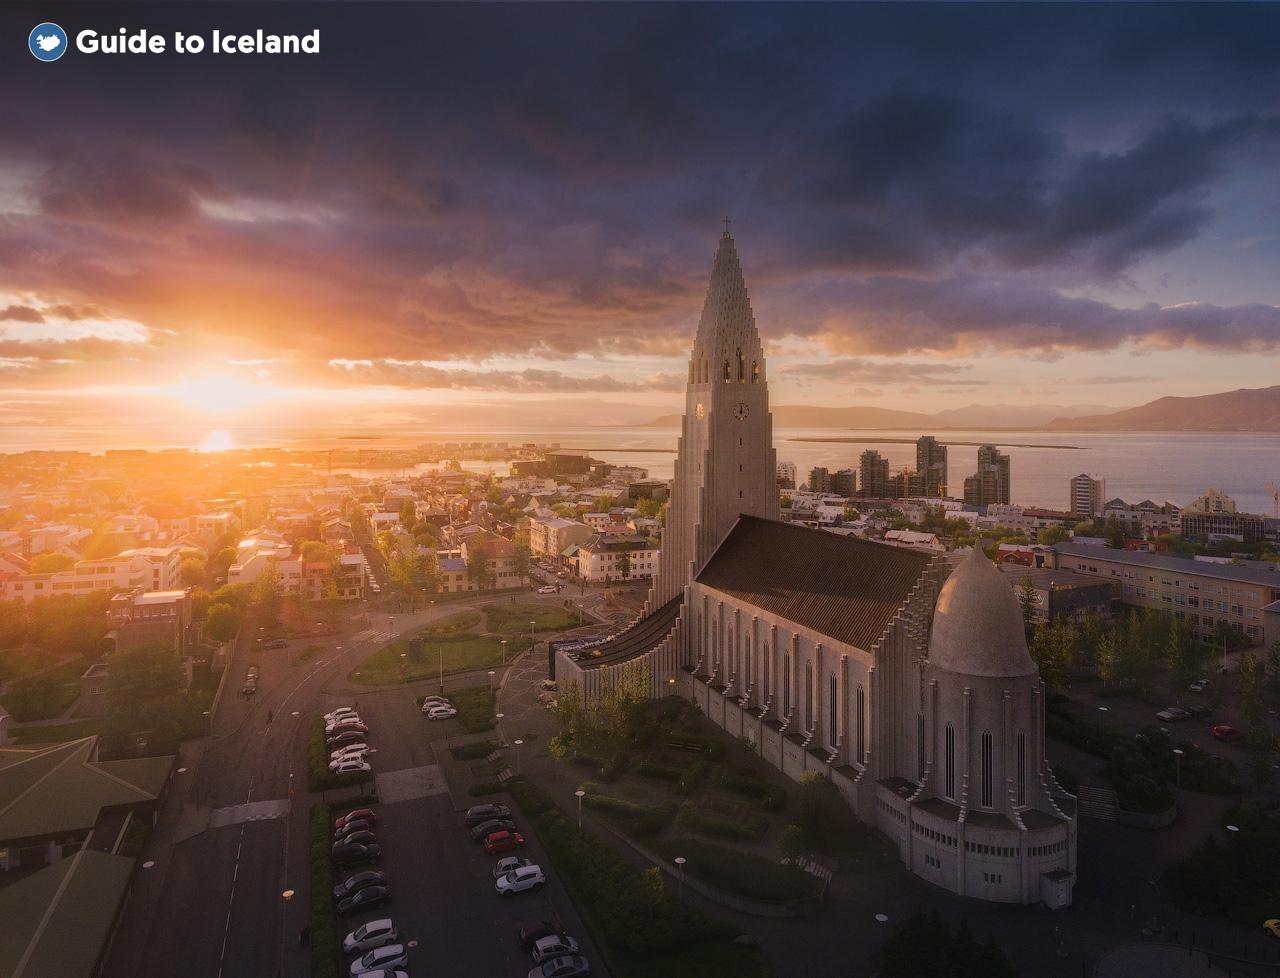 Vue aérienne de l'église Hallgrímskirkja dans le centre de Reykjavík.